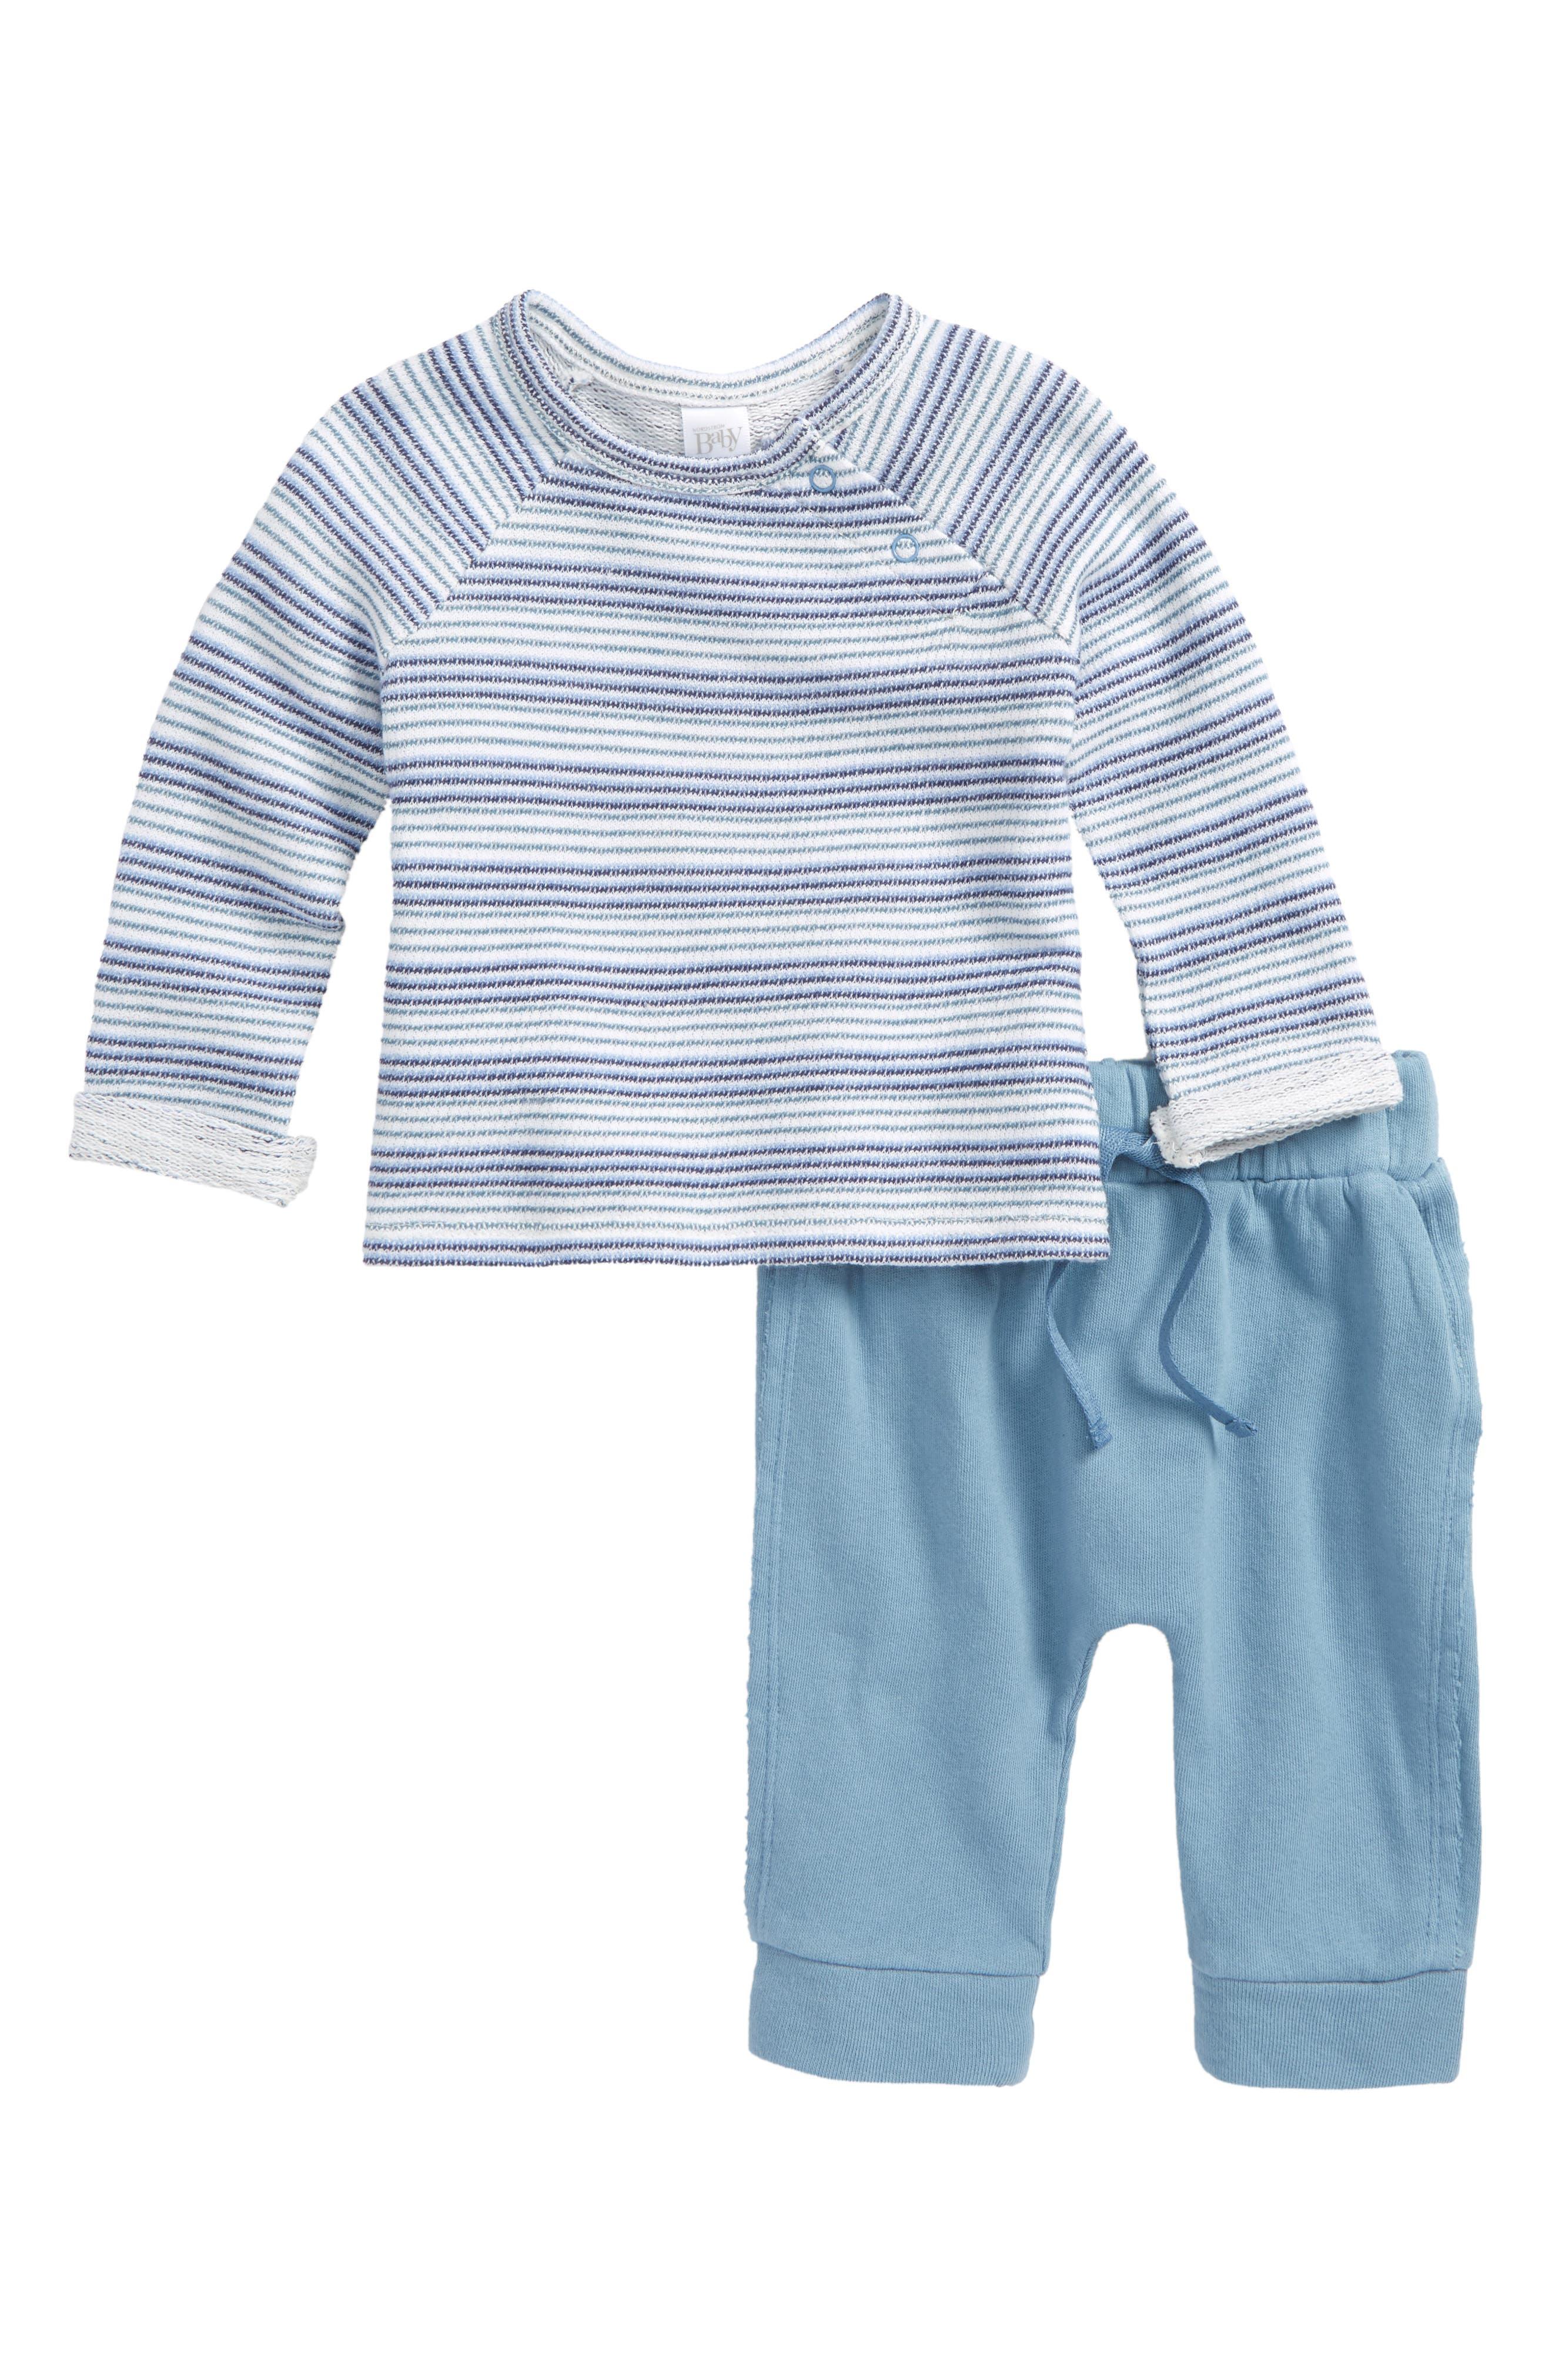 Knit Top & Pants Set,                         Main,                         color, Blue Captain Beach Stripe